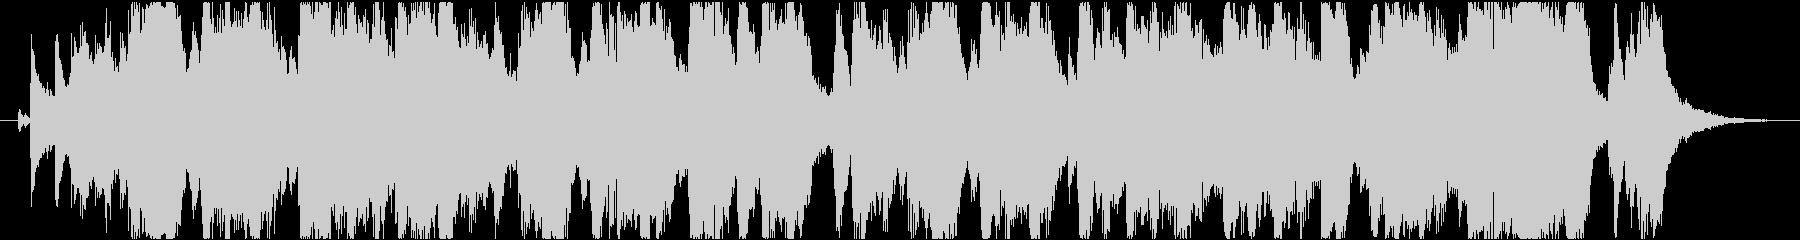 イベント告知や次回予告 軽快なジングルの未再生の波形